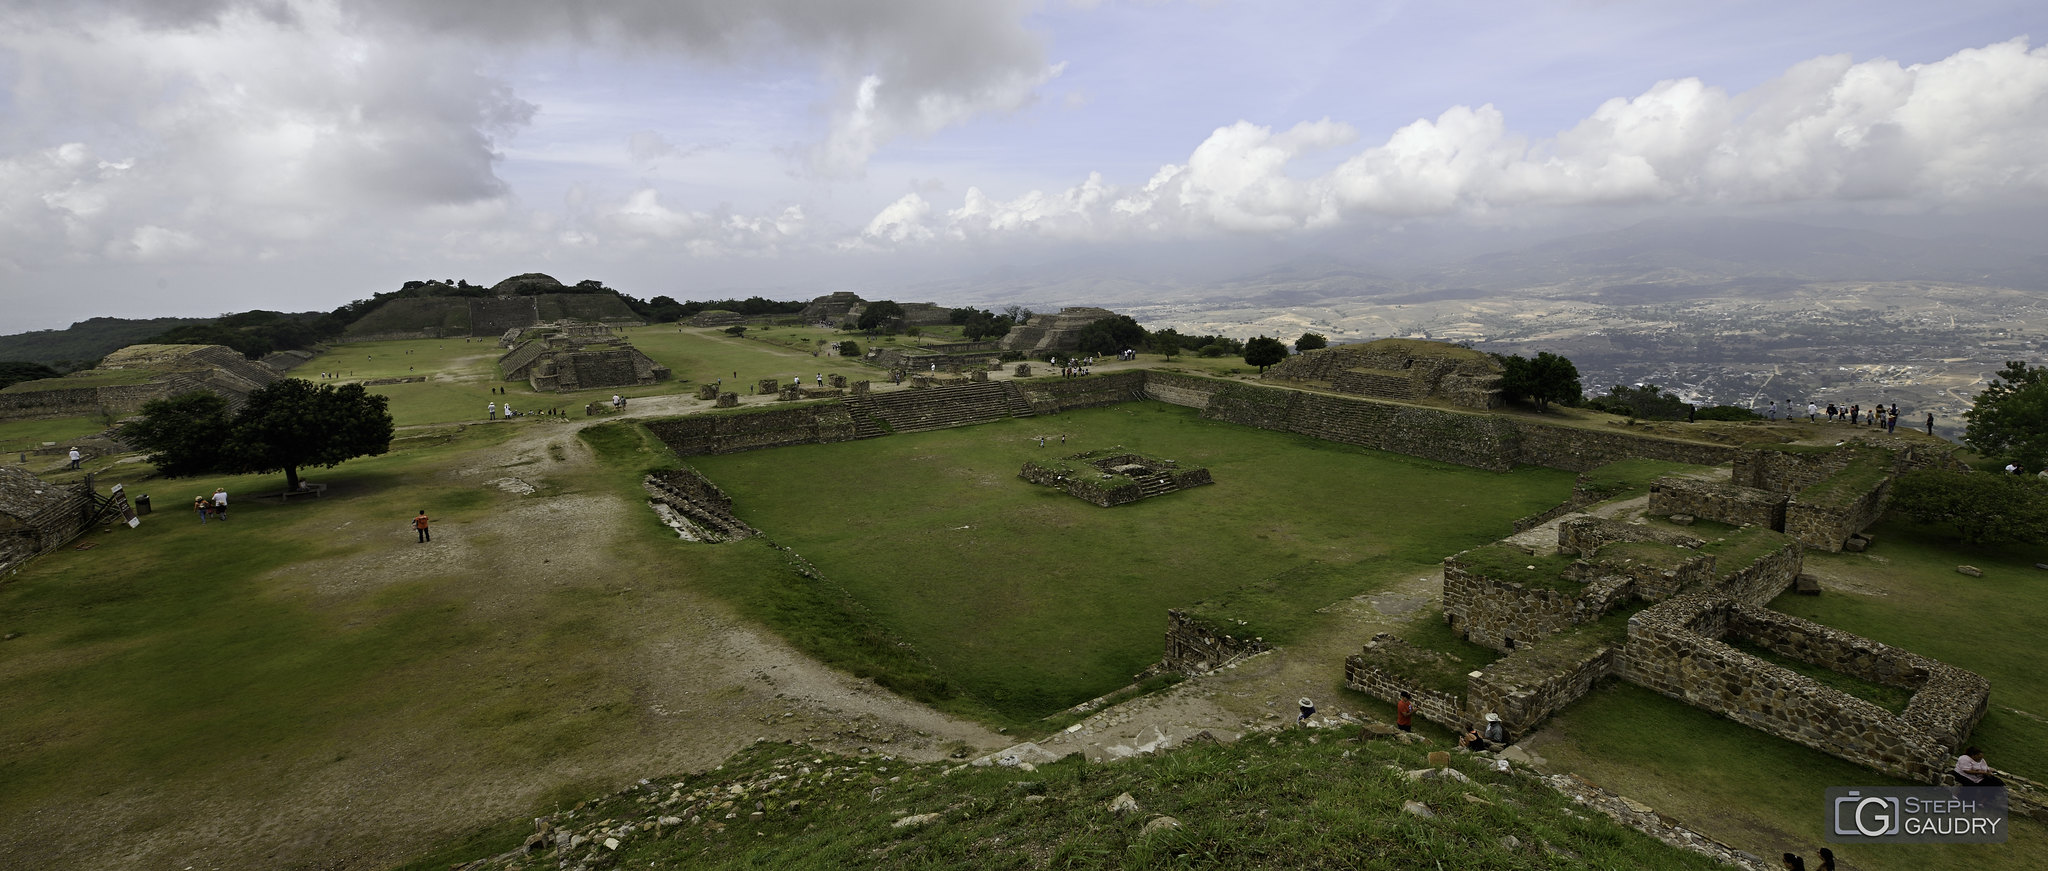 Zone archéologique de Monte Albán (MEX) [Klik om de diavoorstelling te starten]